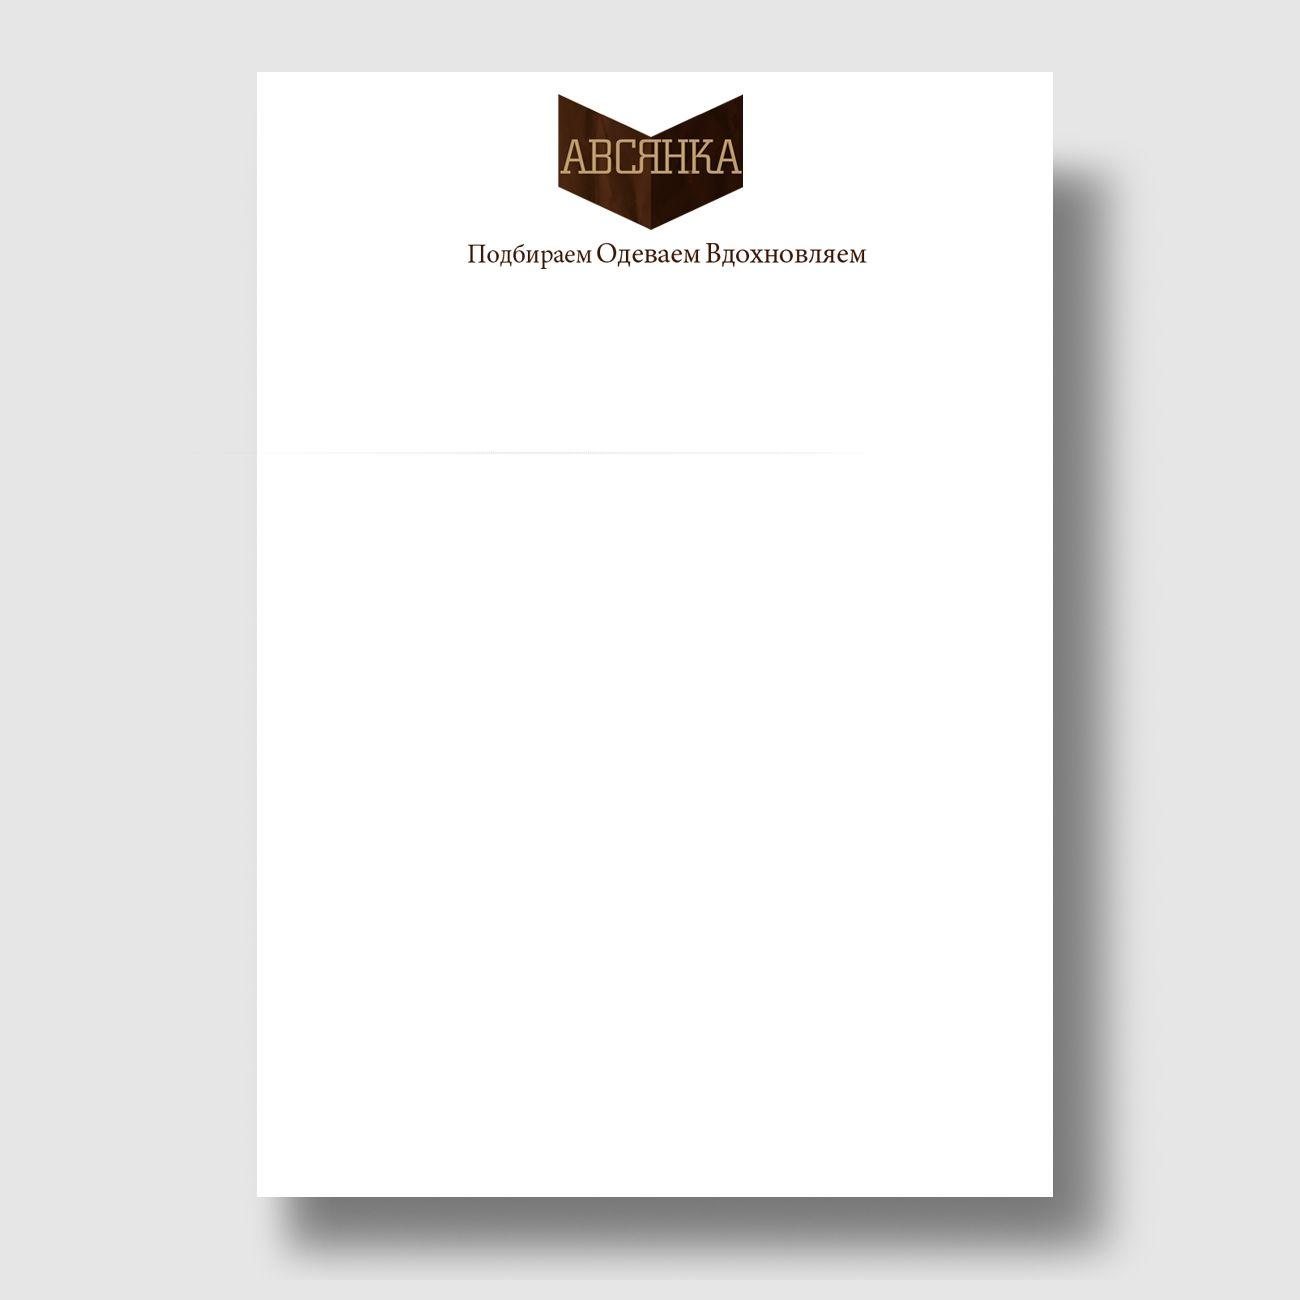 Лого и фирм. стиль для услуг стилистов - дизайнер Snevil